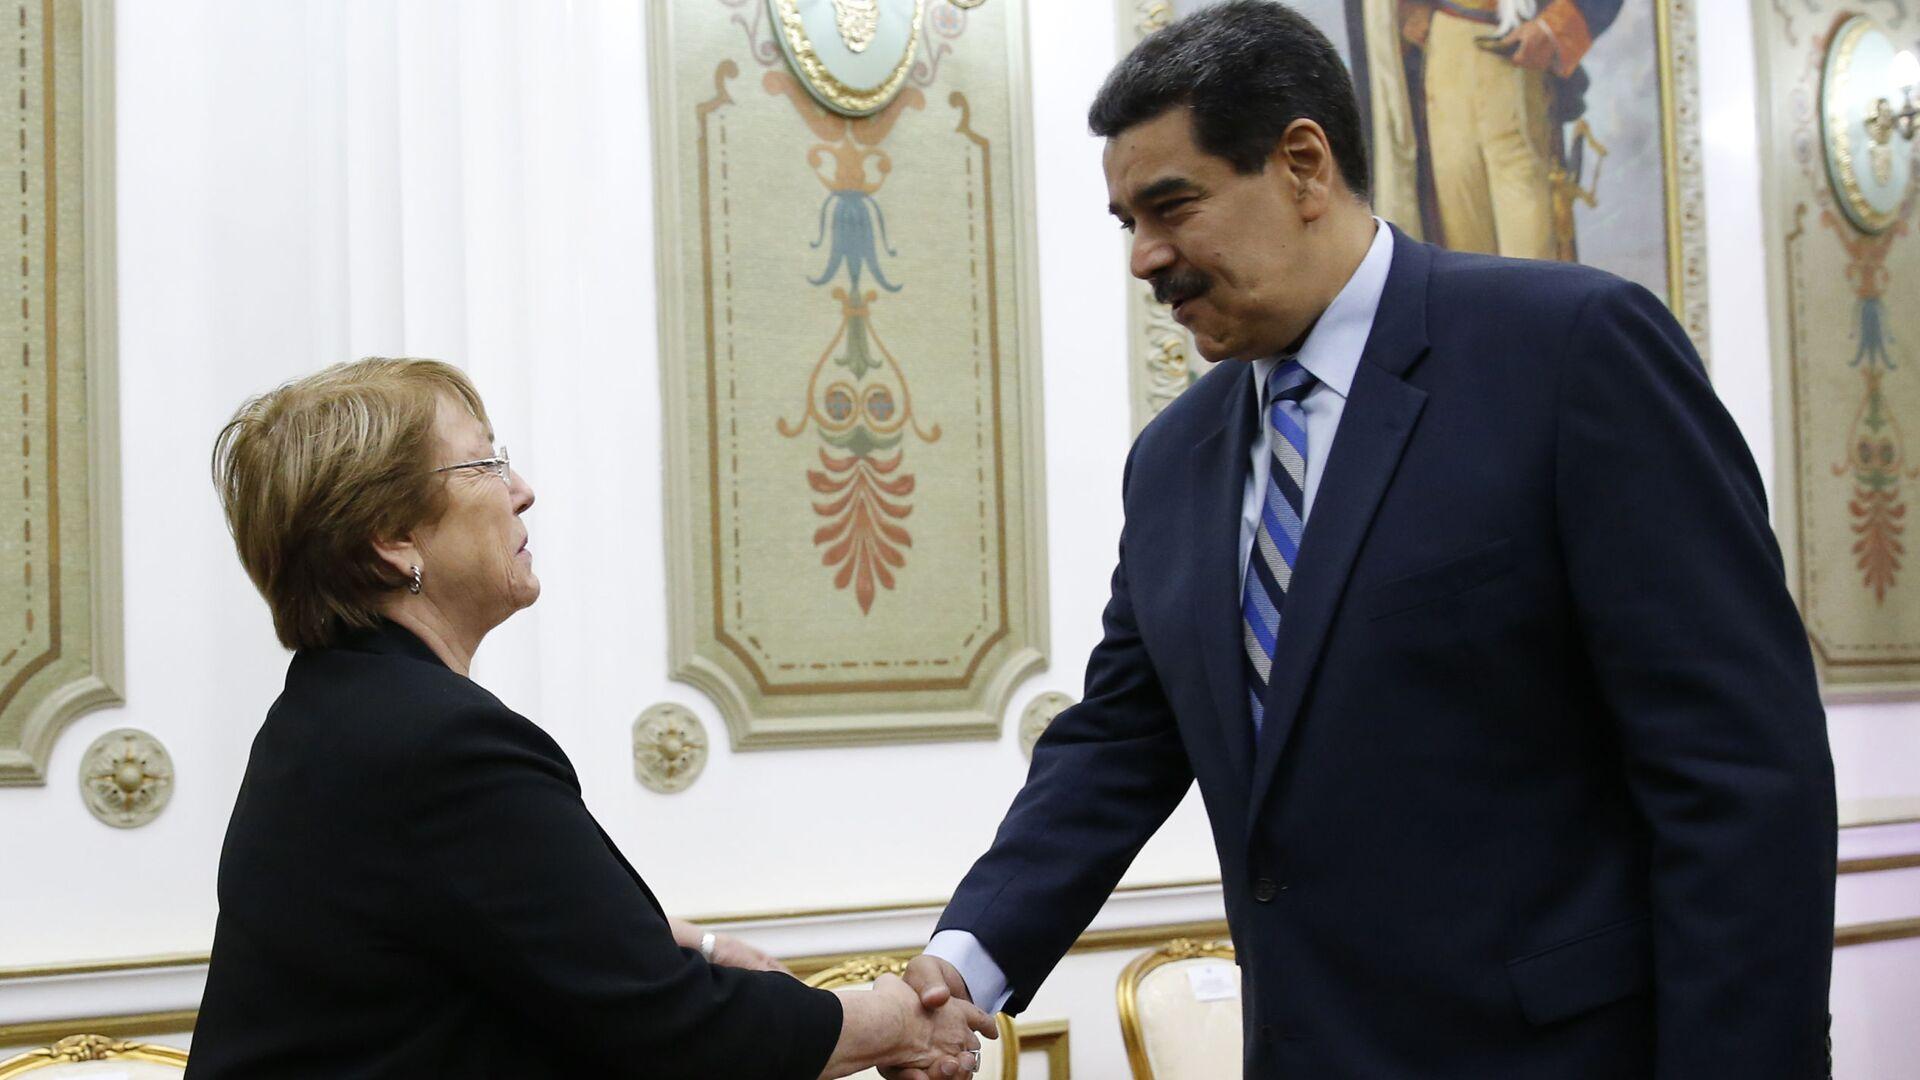 El presidente de Venezuela, Nicolás Maduro, junto a la Alta Comisionada de la ONU para los Derechos Humanos, Michelle Bachelet - Sputnik Mundo, 1920, 03.03.2021